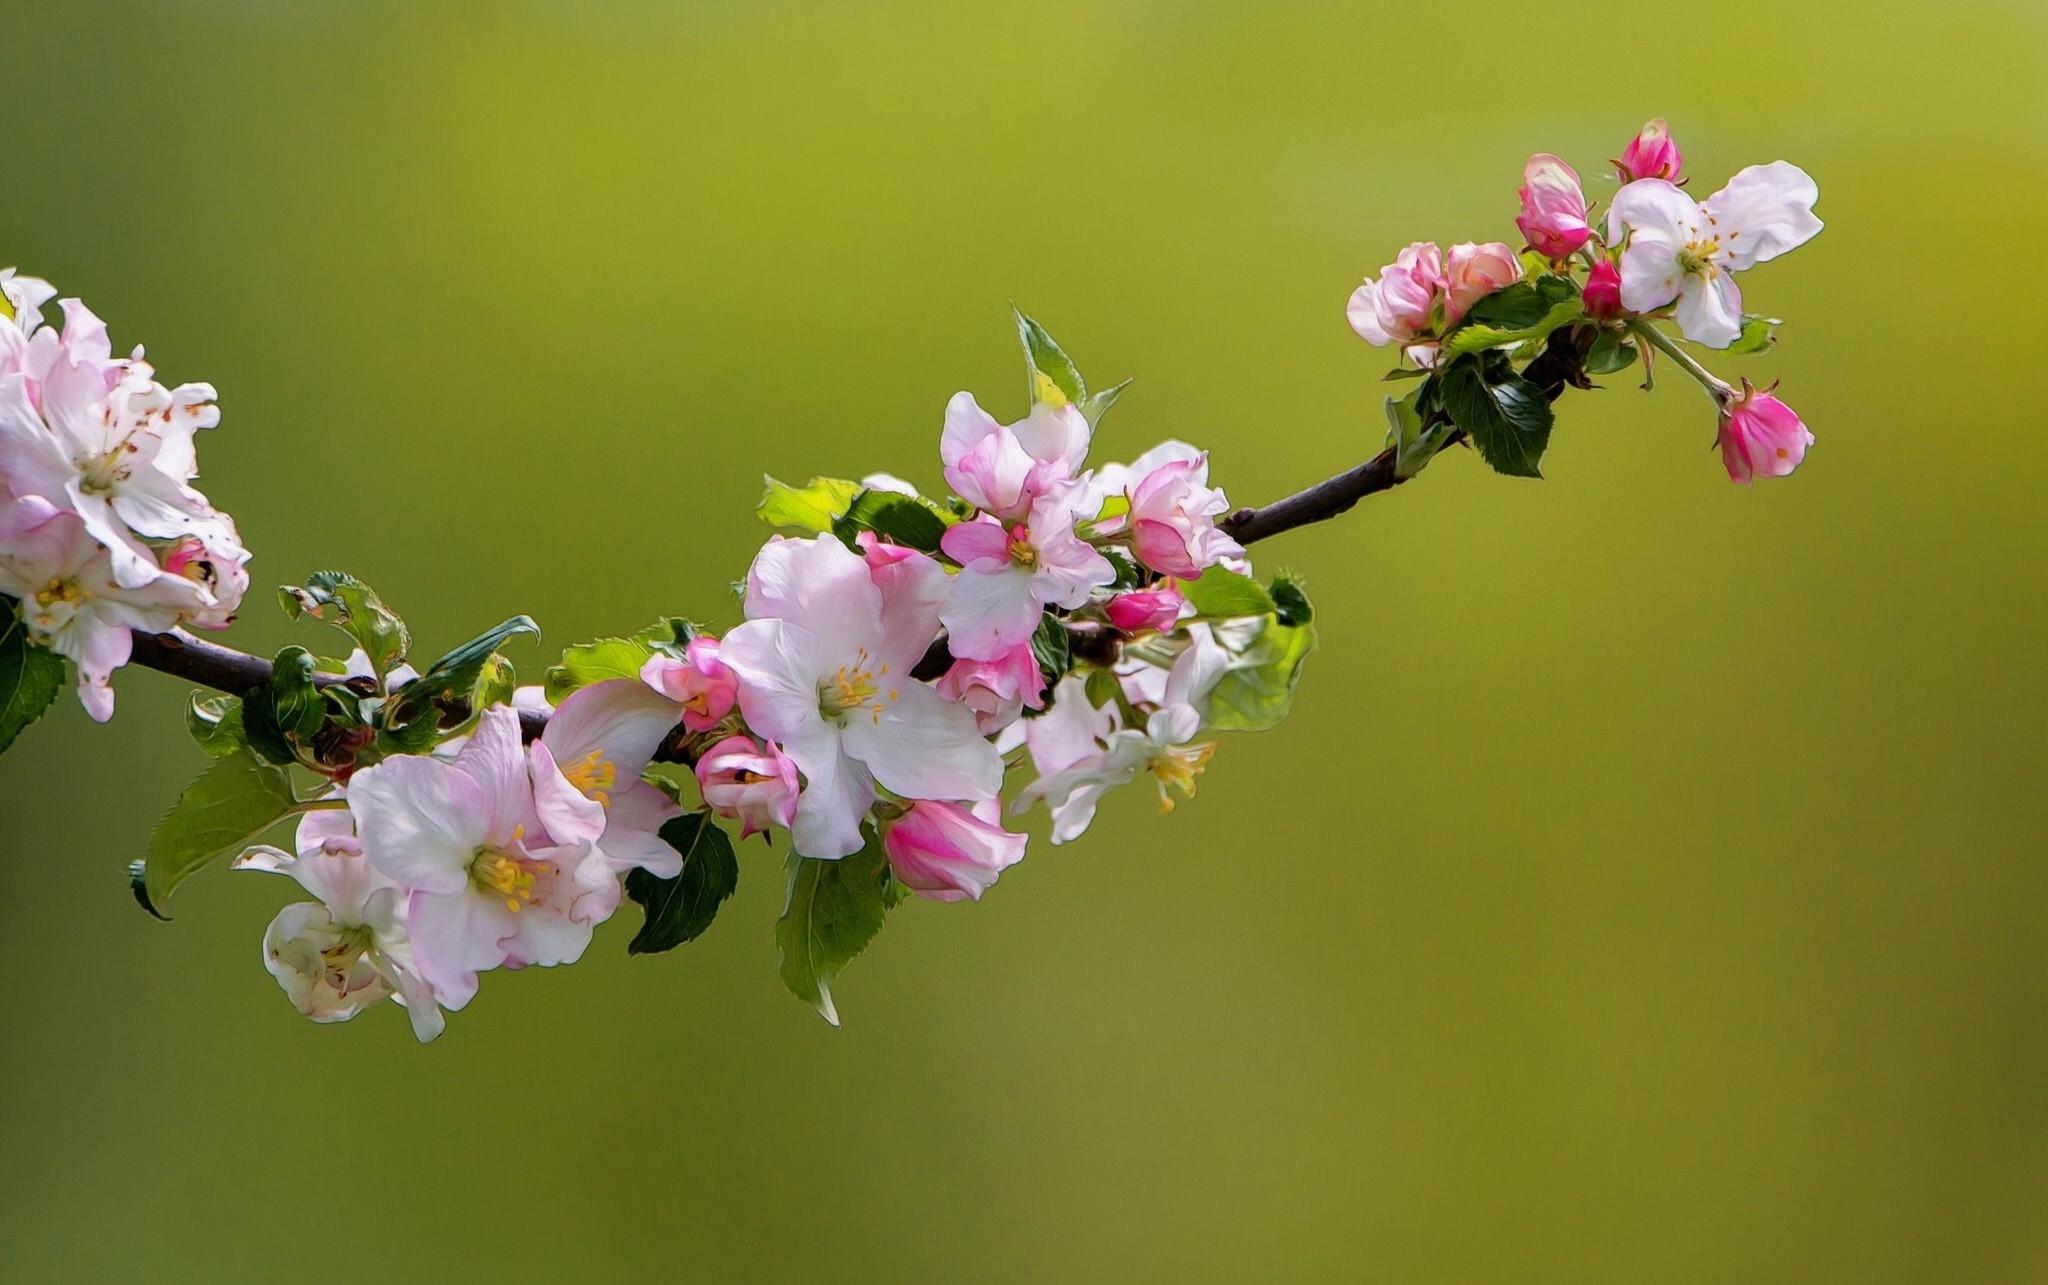 это всех картинка на рабочий стол цветение яблони блогеру одной